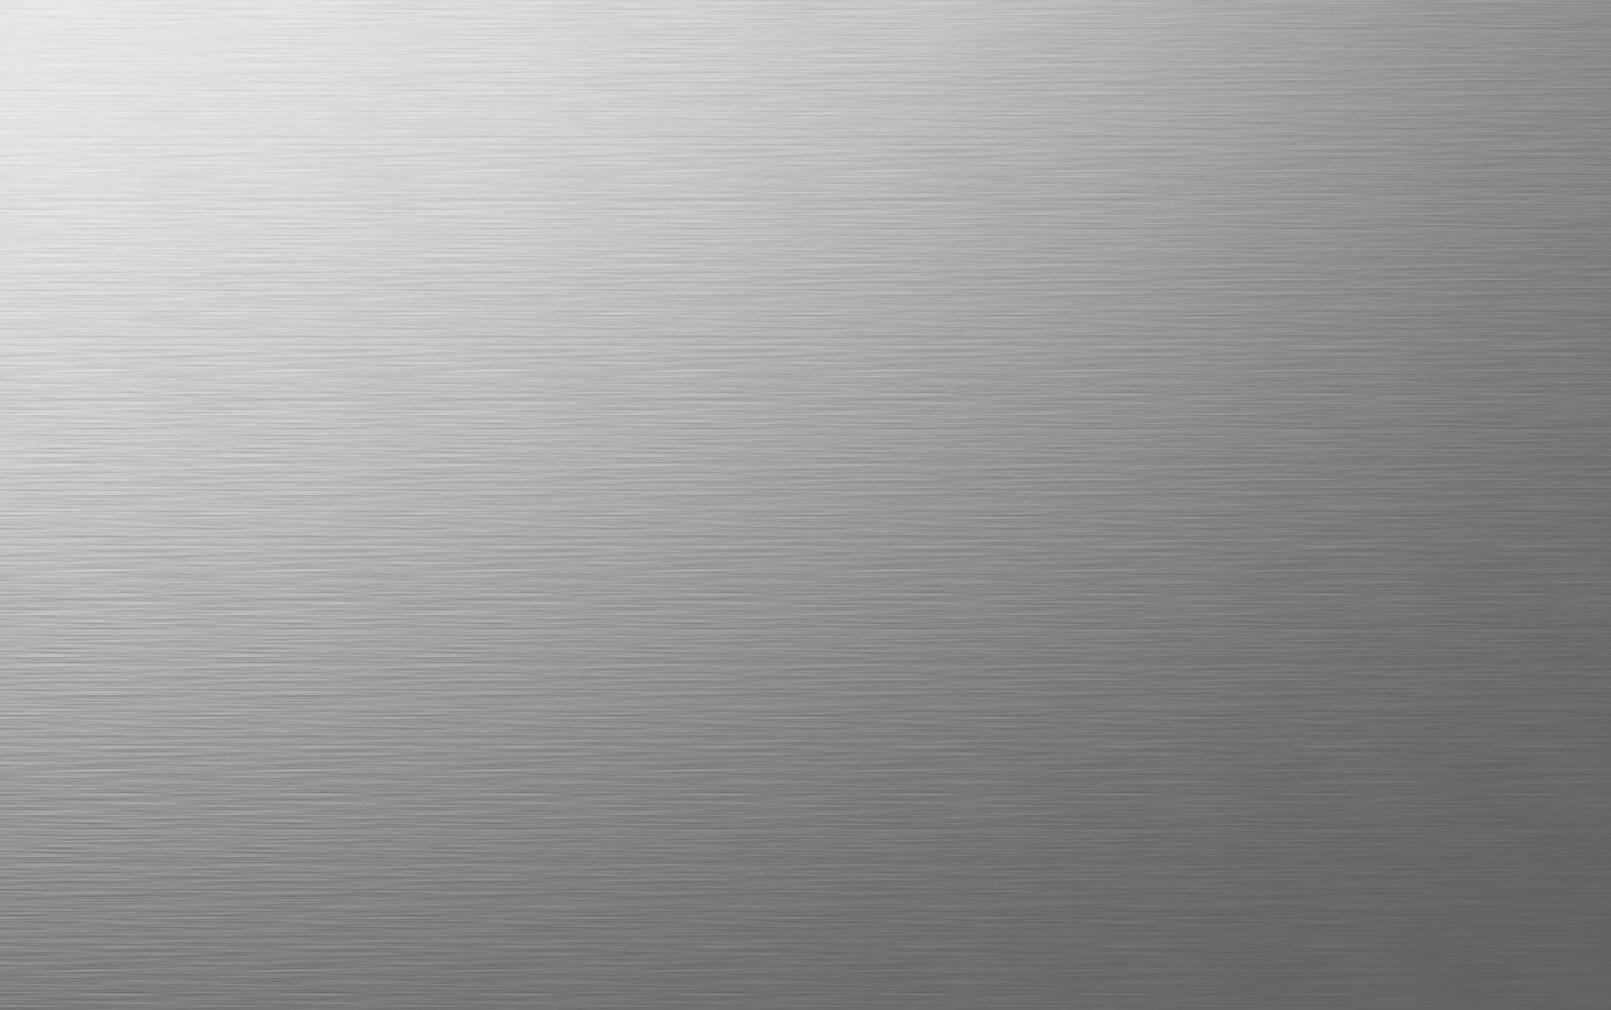 Brushed Aluminium Background Png 1611 1010